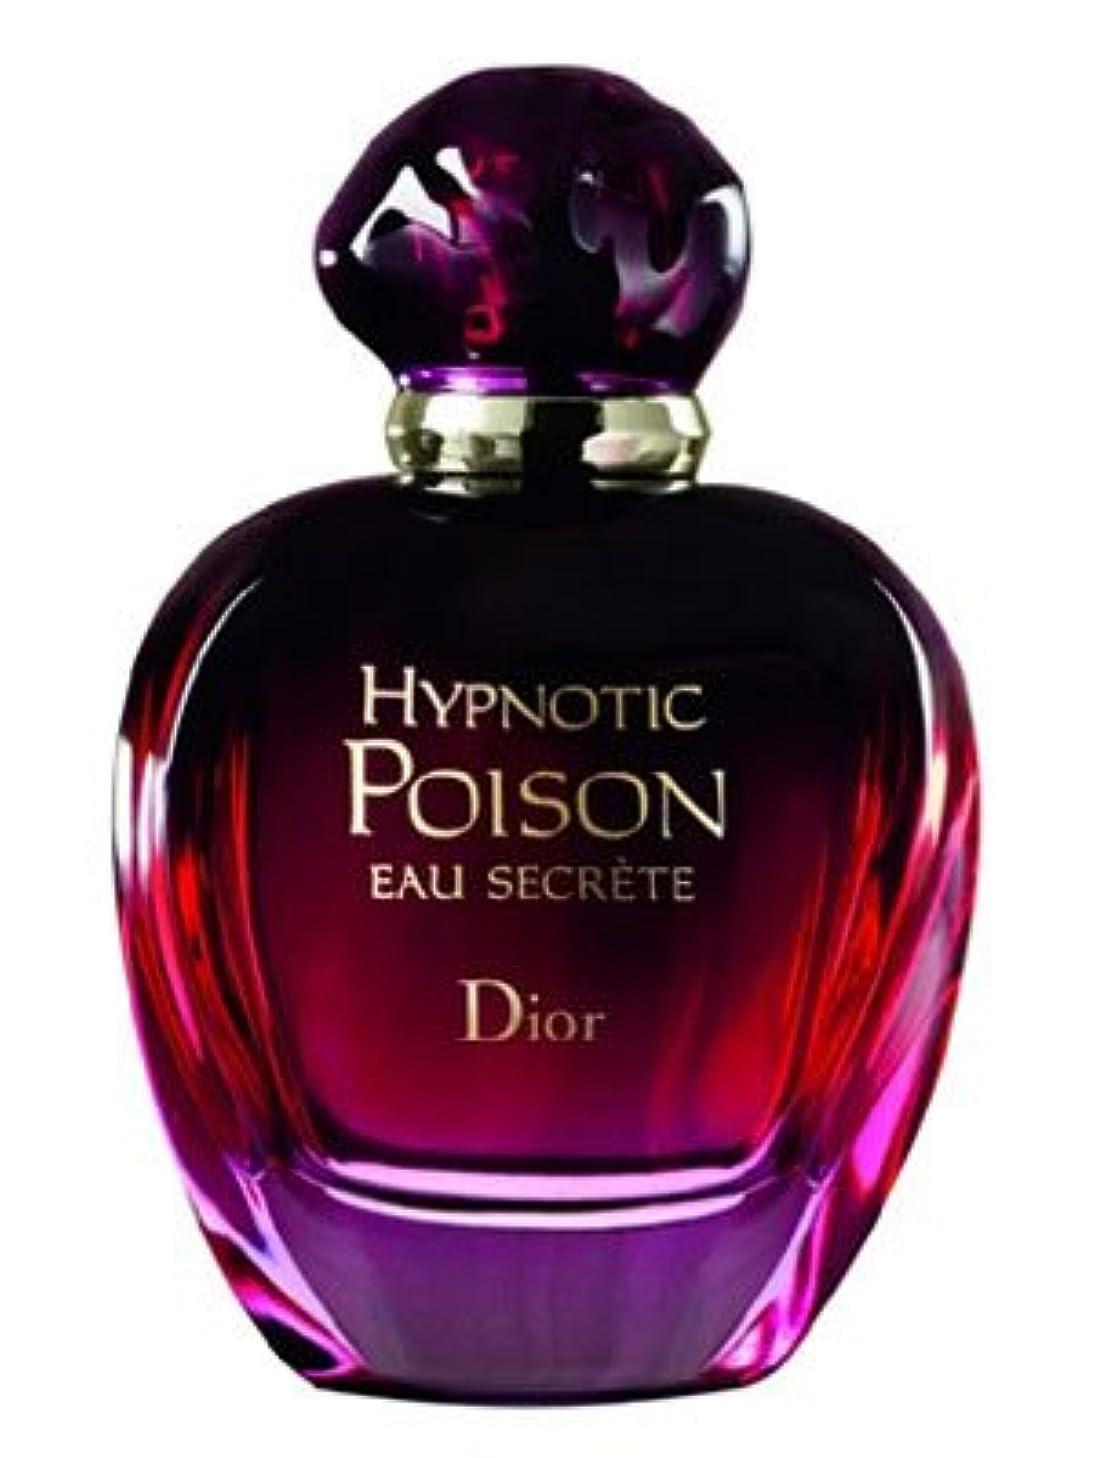 原告縮約酸度Hypnotic Poison Eau Secrete (ハイプノティック プワゾン オー シークレット) 3.4 oz (100ml) EDT Spray by Christian Dior for Women